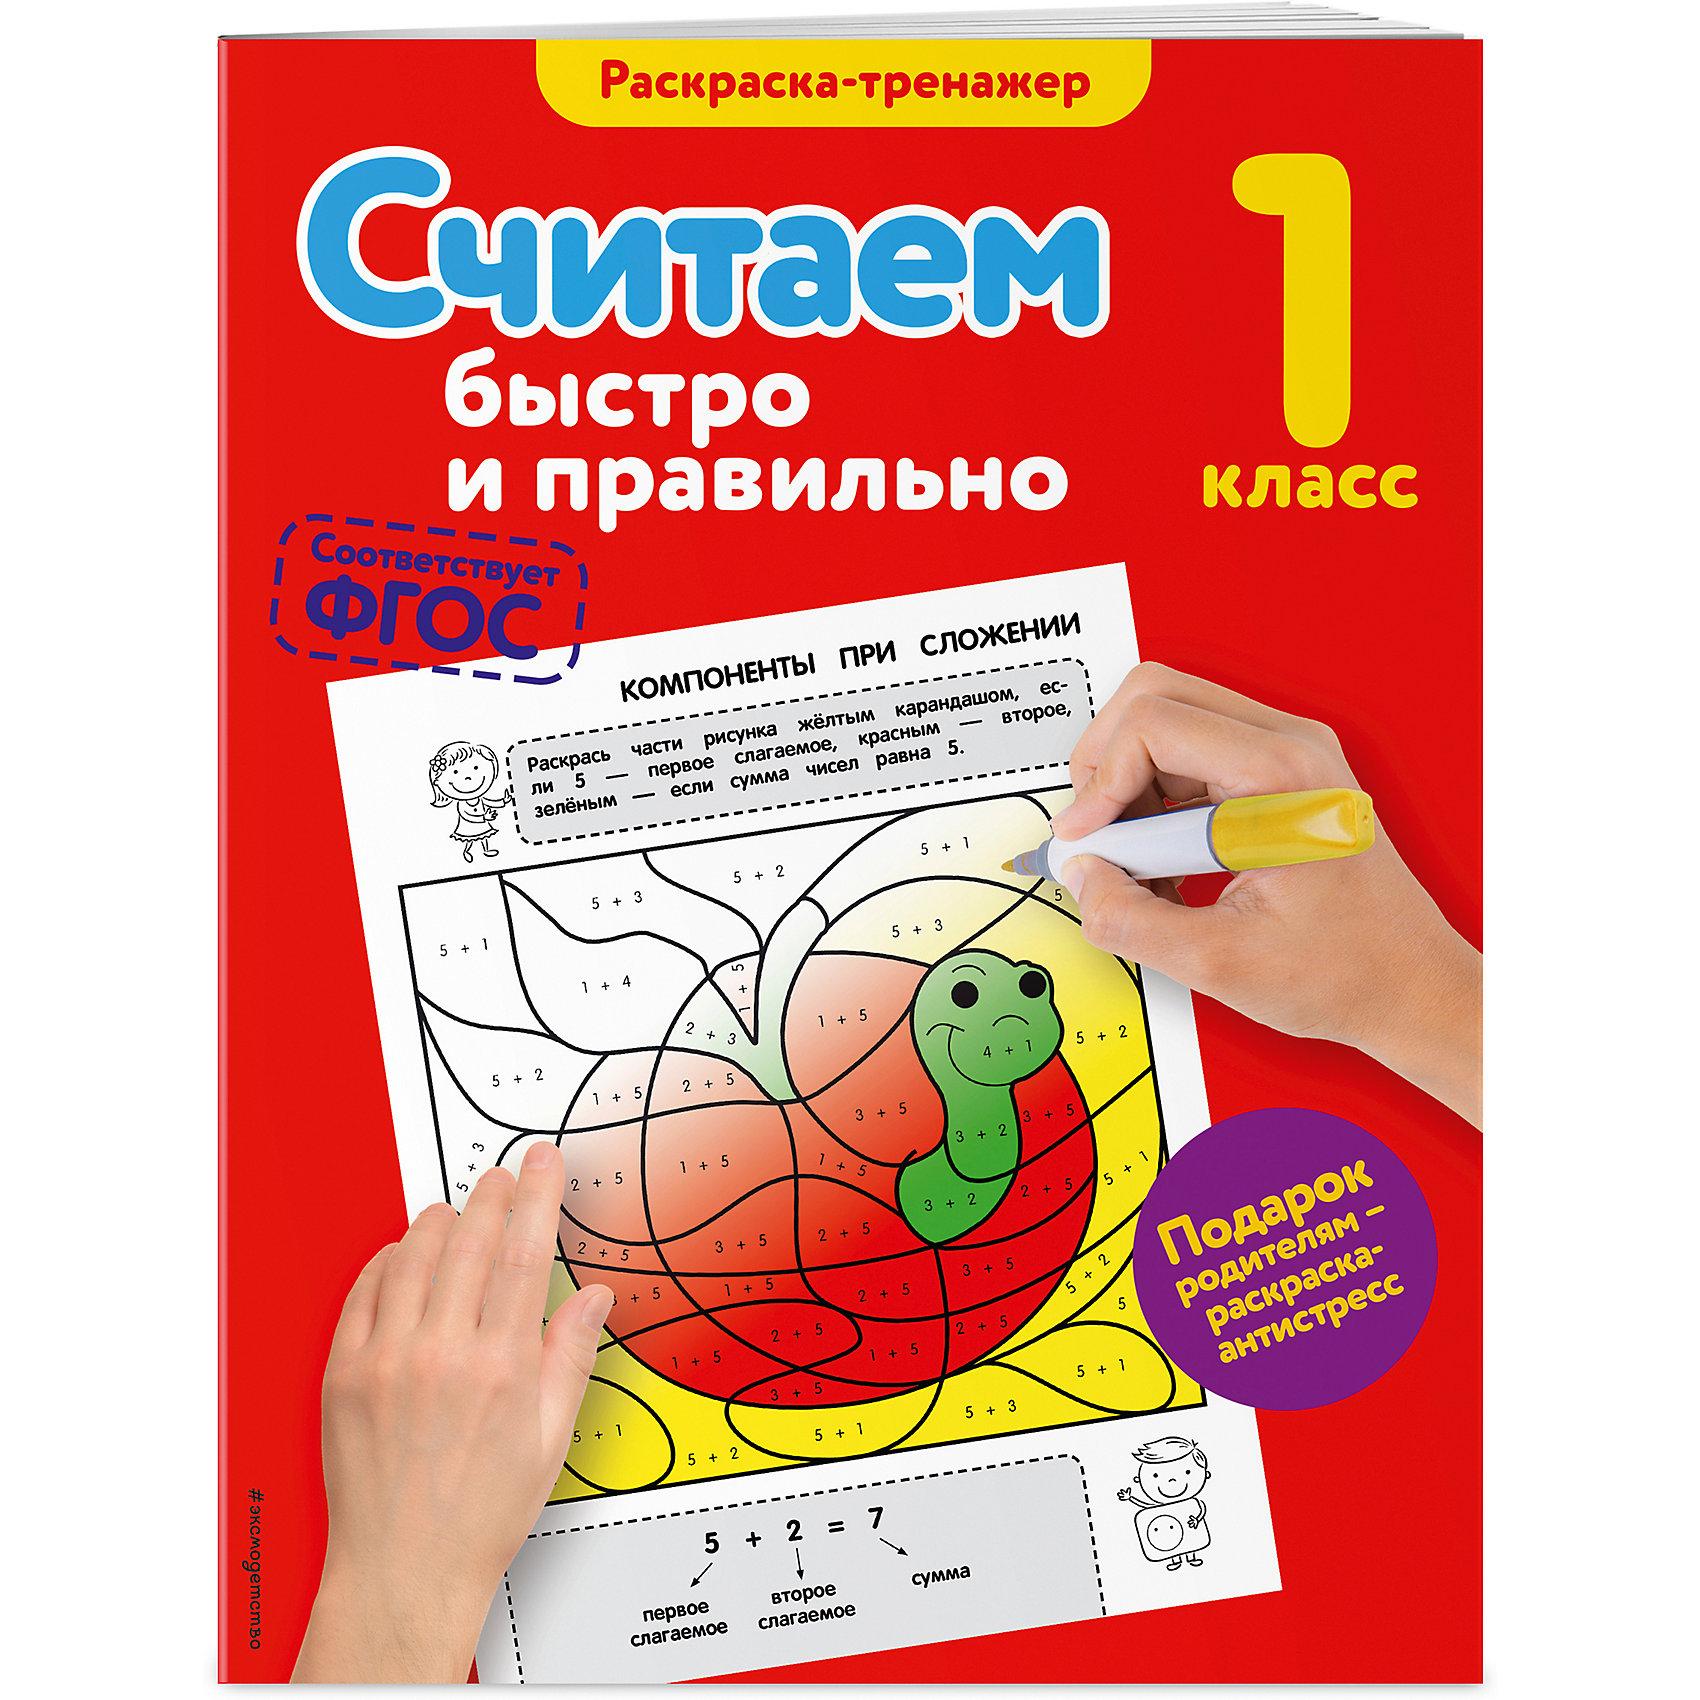 Считаем быстро и правильно, 1-й классЭксмо<br>Пособие представляет собой математическую раскраску, которая  поможет первокласснику закрепить навыки счета, решения примеров и сравнения чисел в пределах 20, а также развить мелкую моторику, логику и внимание.<br>     В книге 31 задание на счет и раскрашивание, цветная вкладка с рисунками-ответами, раскраской-антистрессом для родителей и грамотой, которой школьник награждается за старание и любознательность. Нестандартная подача материала в пособии поможет увеличить эффективность занятий.<br><br>Ширина мм: 255<br>Глубина мм: 197<br>Высота мм: 2<br>Вес г: 114<br>Возраст от месяцев: 84<br>Возраст до месяцев: 96<br>Пол: Унисекс<br>Возраст: Детский<br>SKU: 5098436